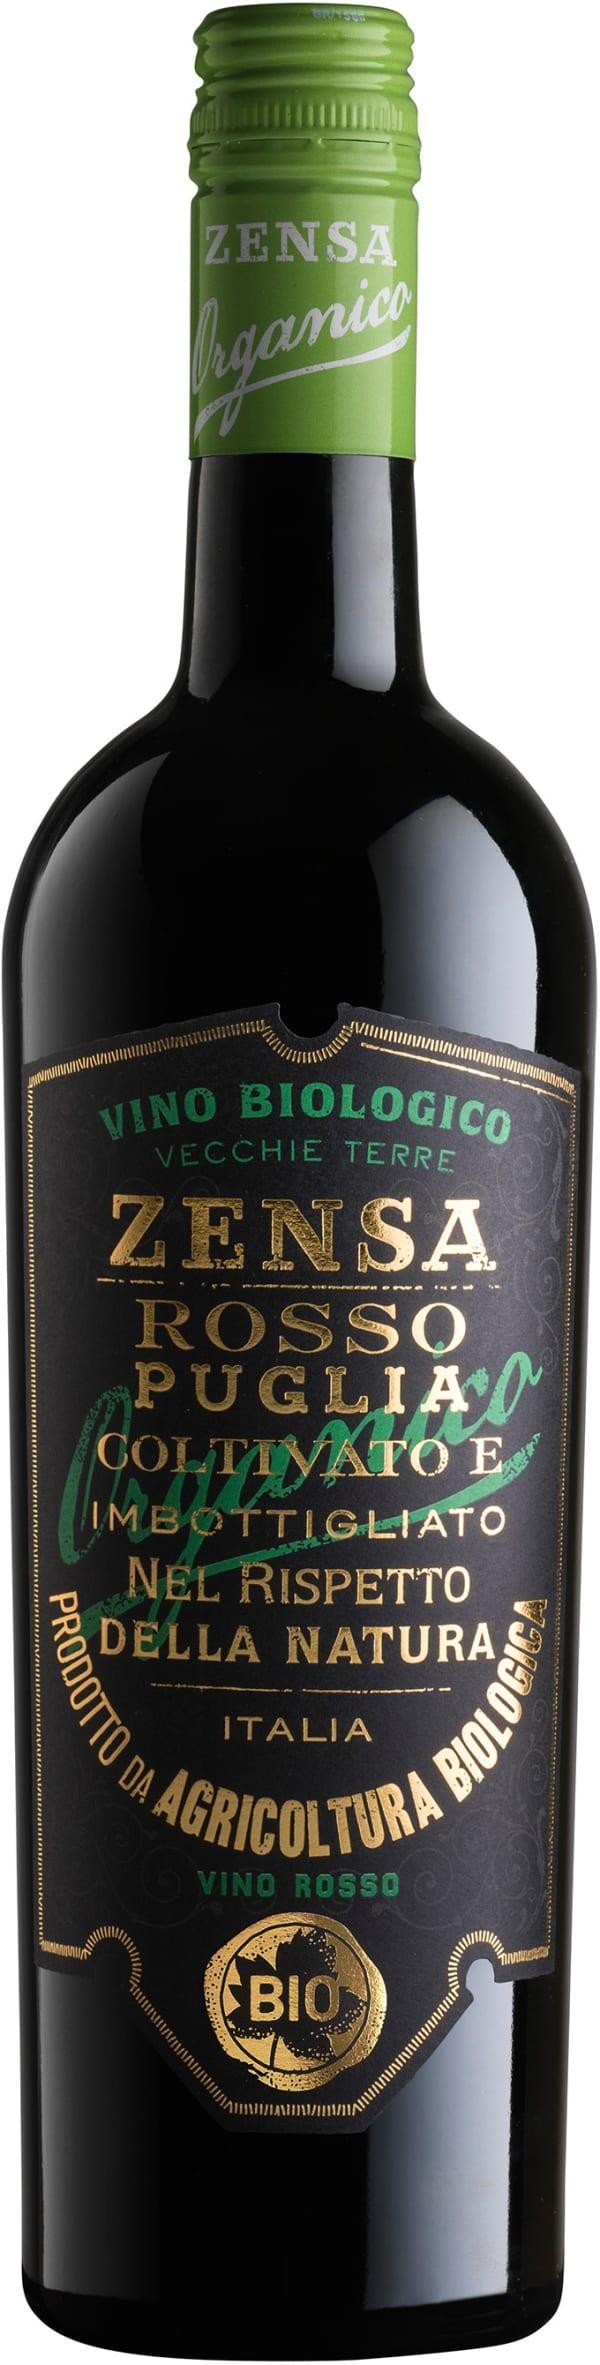 Zensa Rosso Organico 2018